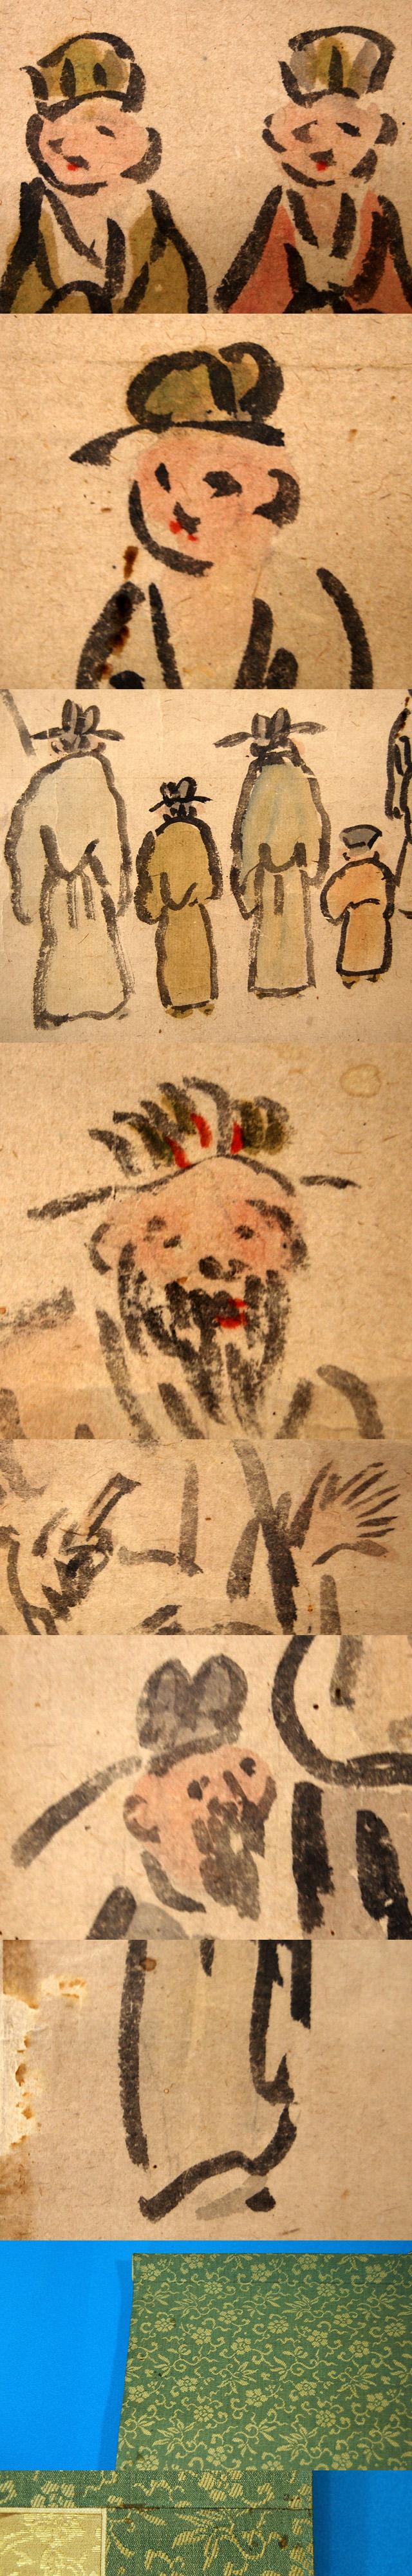 寺崎広業の画像 p1_4